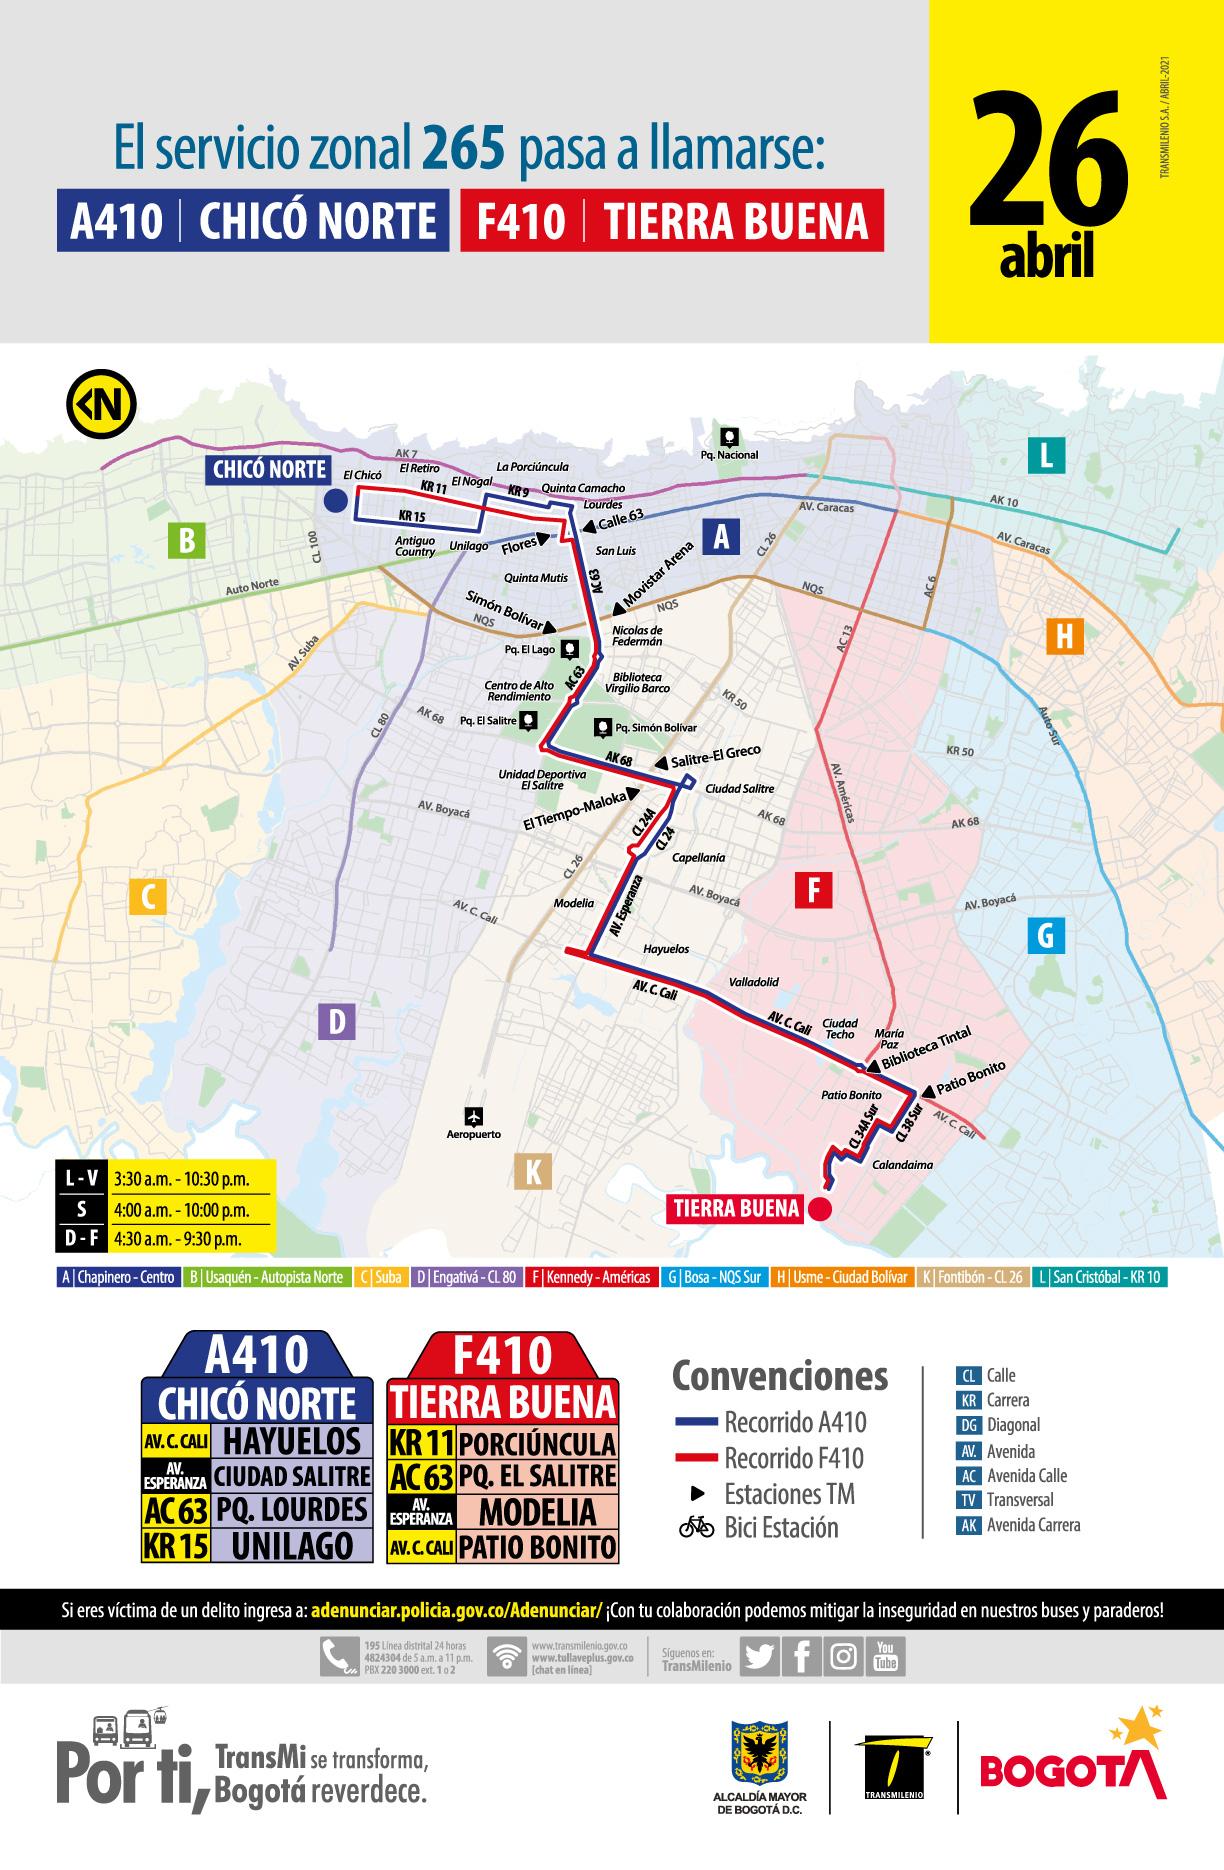 Nueva ruta A410 Chicó Norte - F410 Tierra Buena remplaza al servicio urbano 265